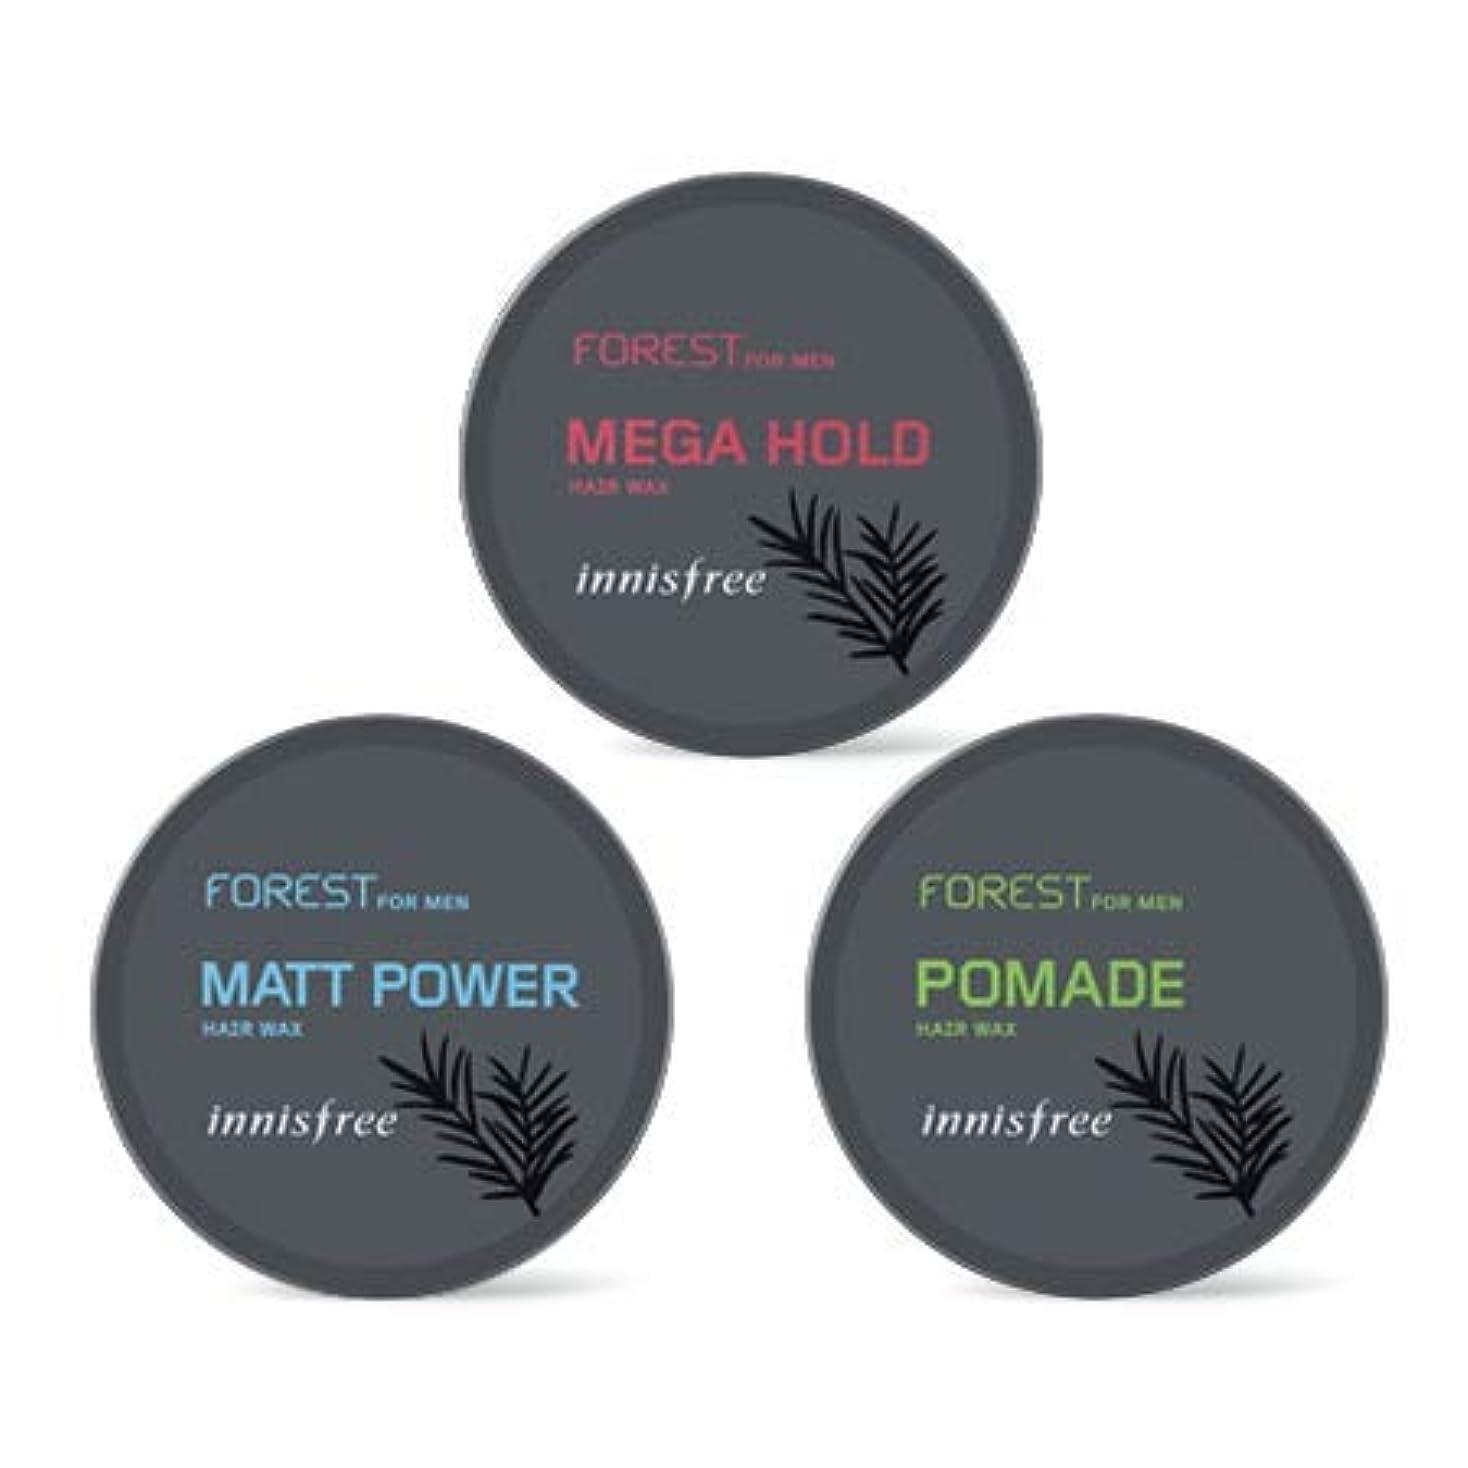 レジ化学薬品神経[イニスフリー.INNISFREE](公式)フォレストフォアマンヘアワックス(3種)/ Forest For Men Hair Wax(60G、3 kind) (# mega hold)